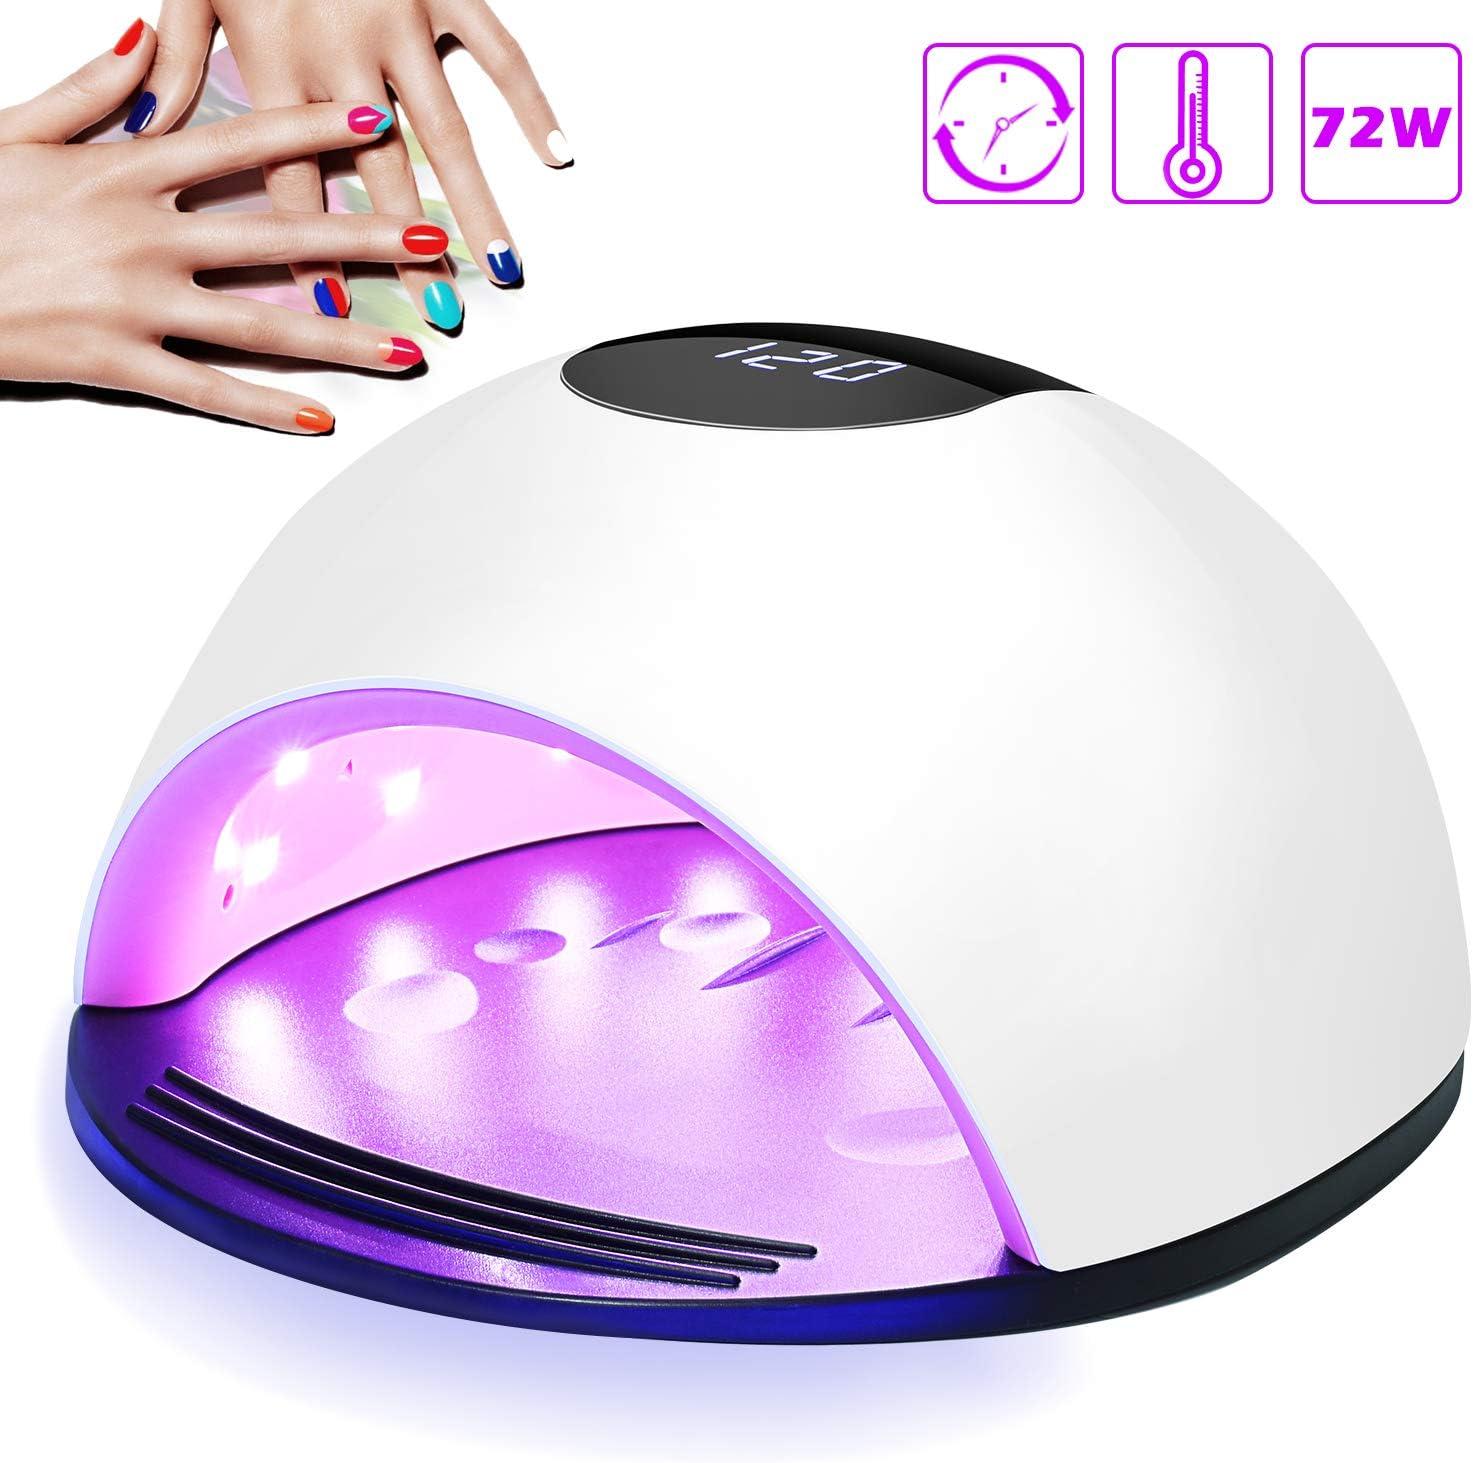 Lámpara LED UV Uñas, Nivlan 72W Lámpara LED Uñas Pantalla LCD Secador de uñas de Botón Táctil Sensor Automático de infrarrojos, Lampara uñ